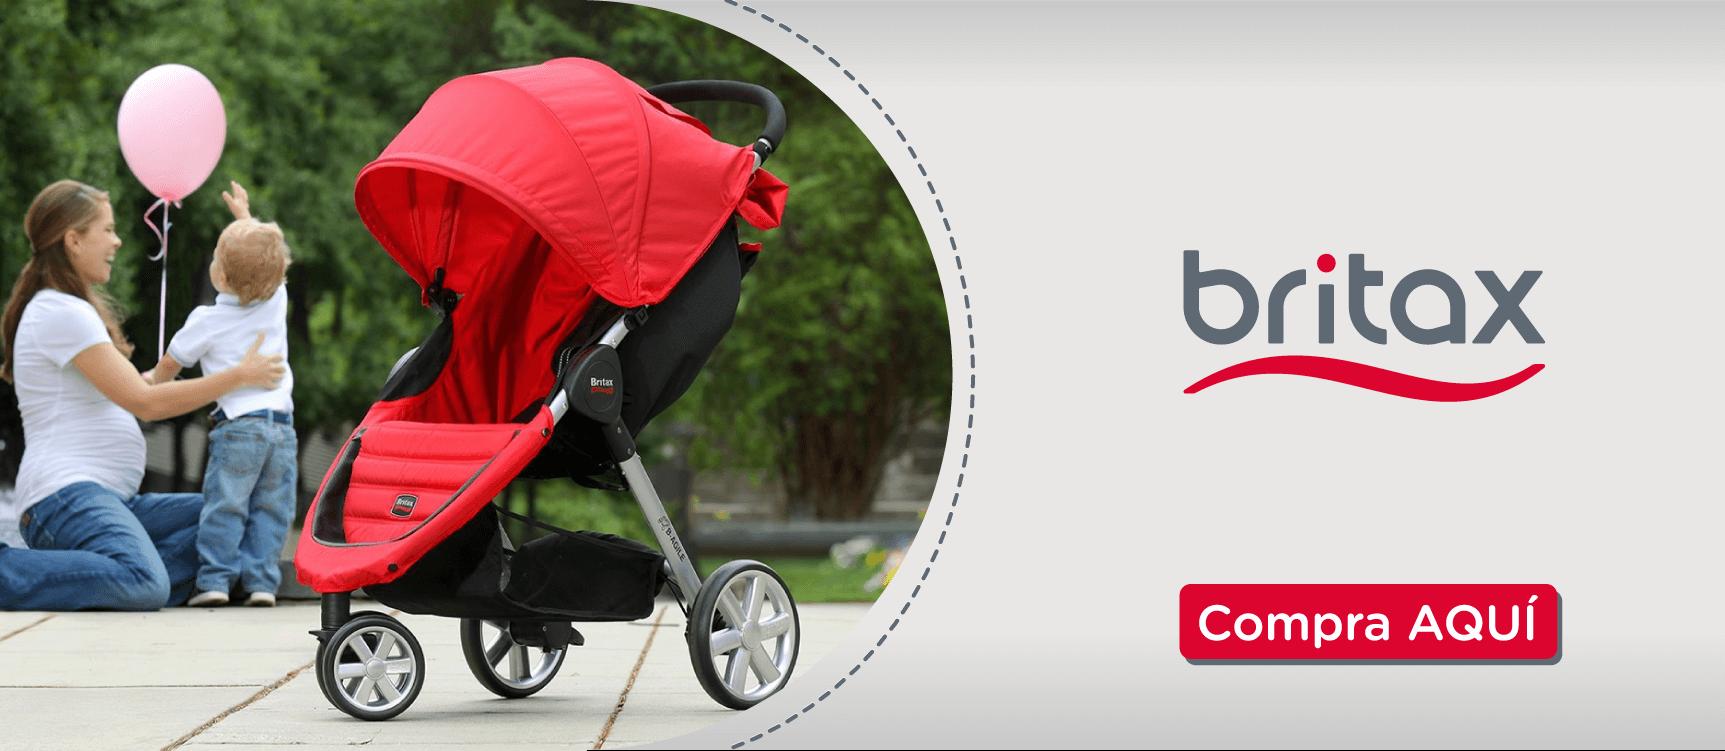 0a1d53beb Baby Infanti Store - Tienda Online Especialistas en Bebé y la Familia -